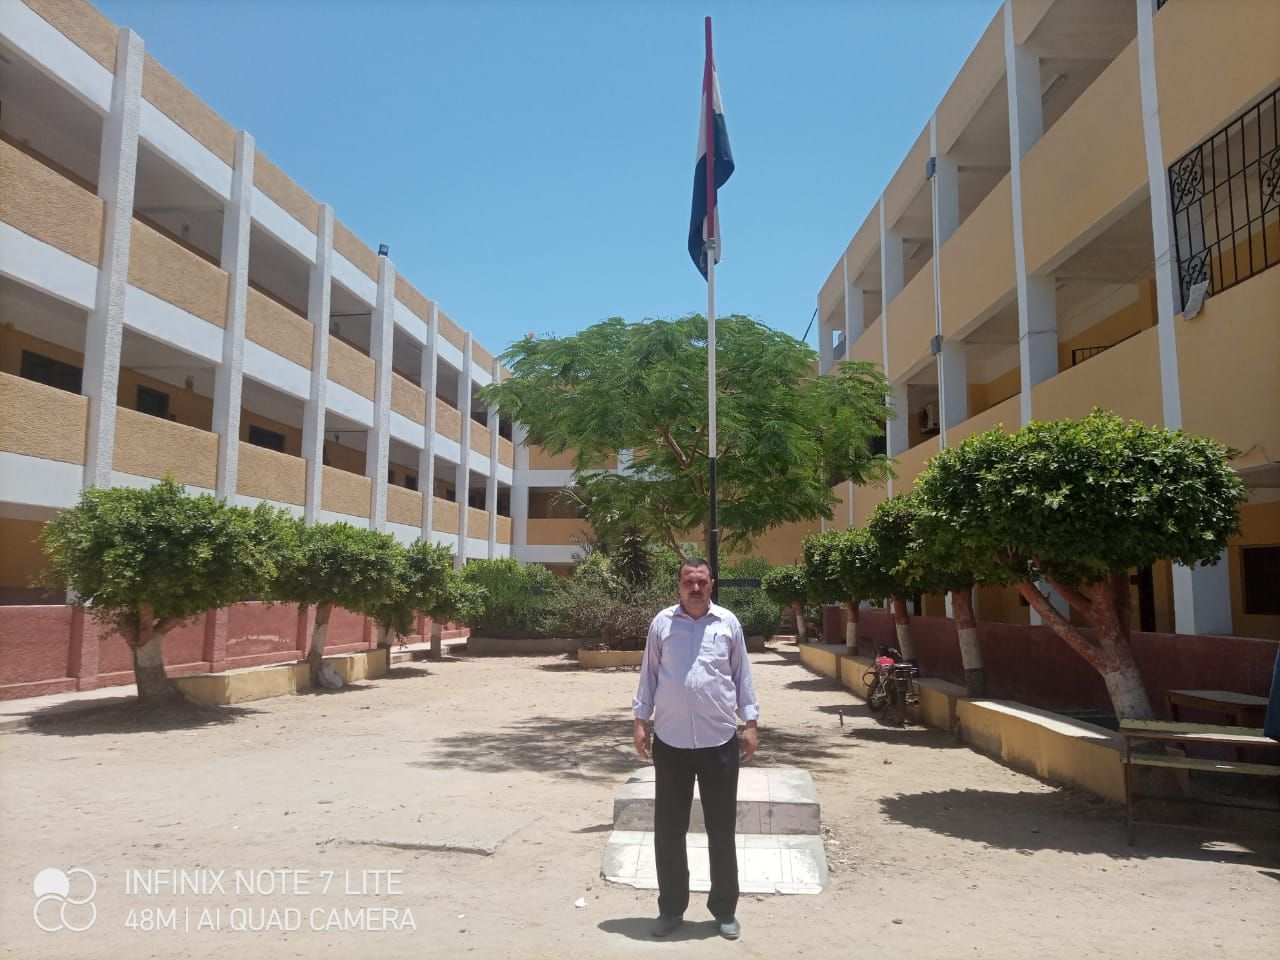 سيد عرفات قبل مغادرة المدرسة